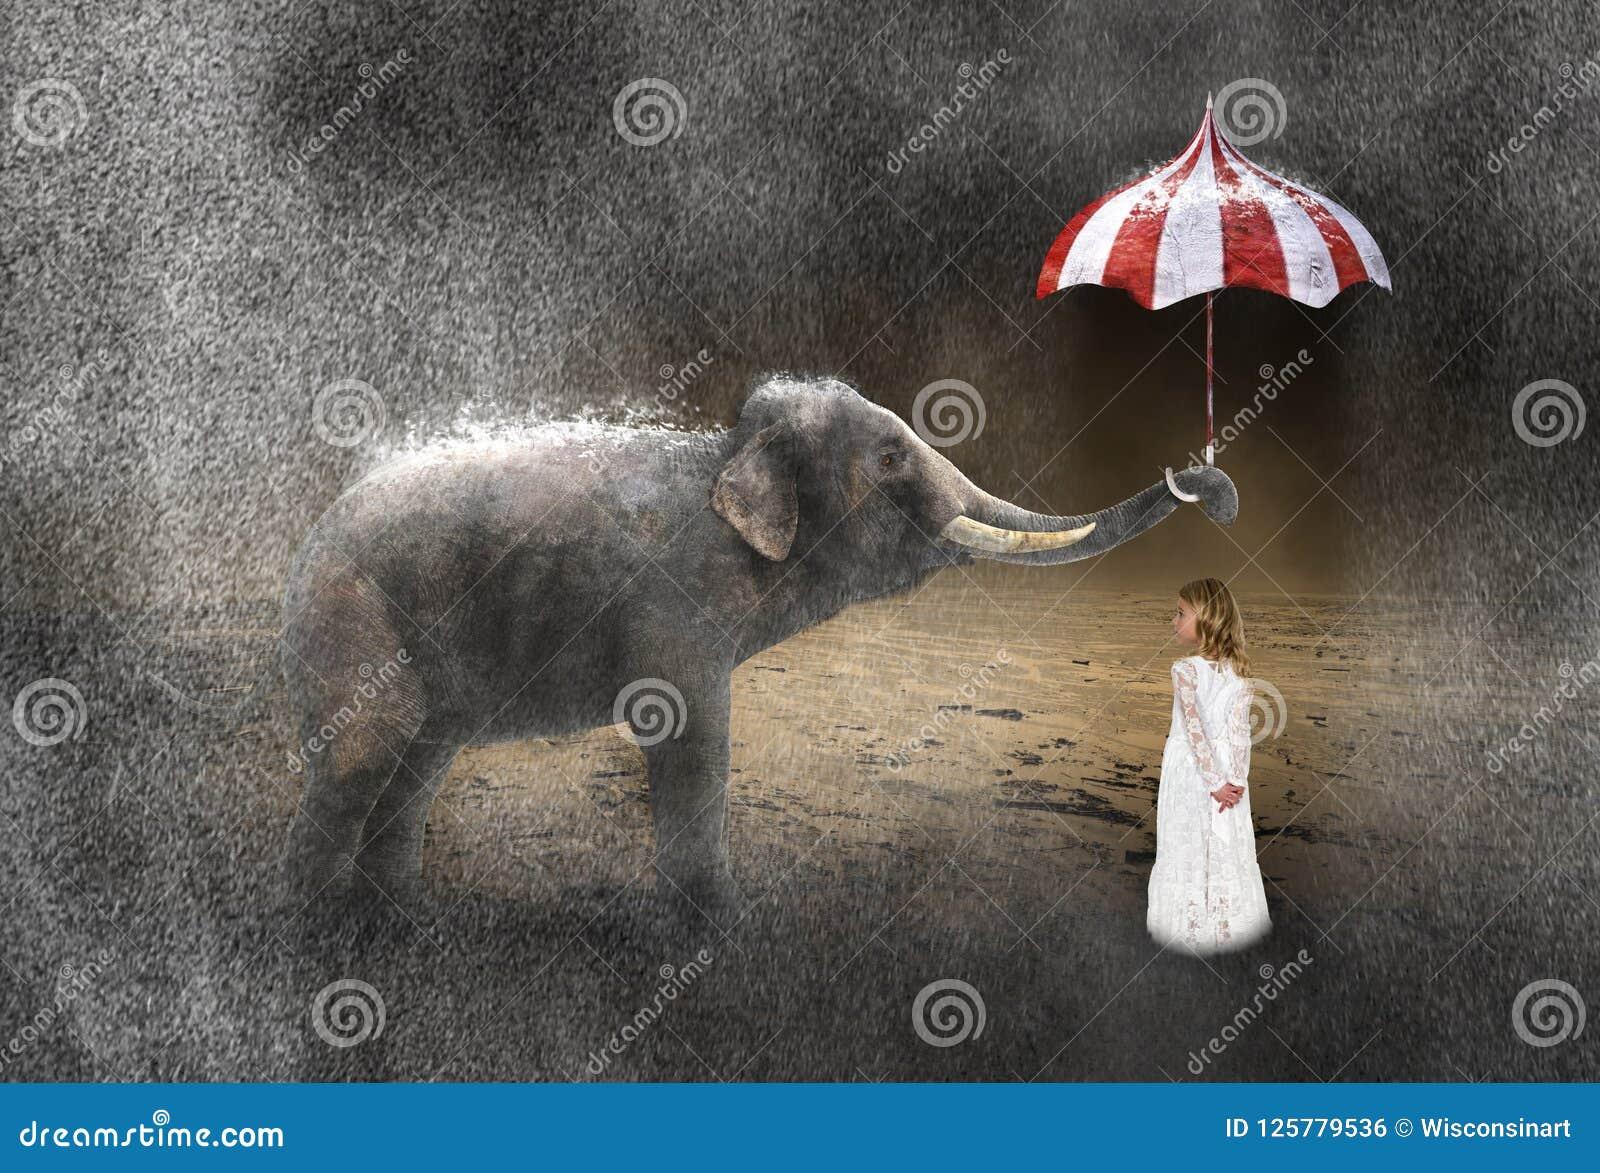 Surreal Rain, Weather, Elephant, Girl, Storm